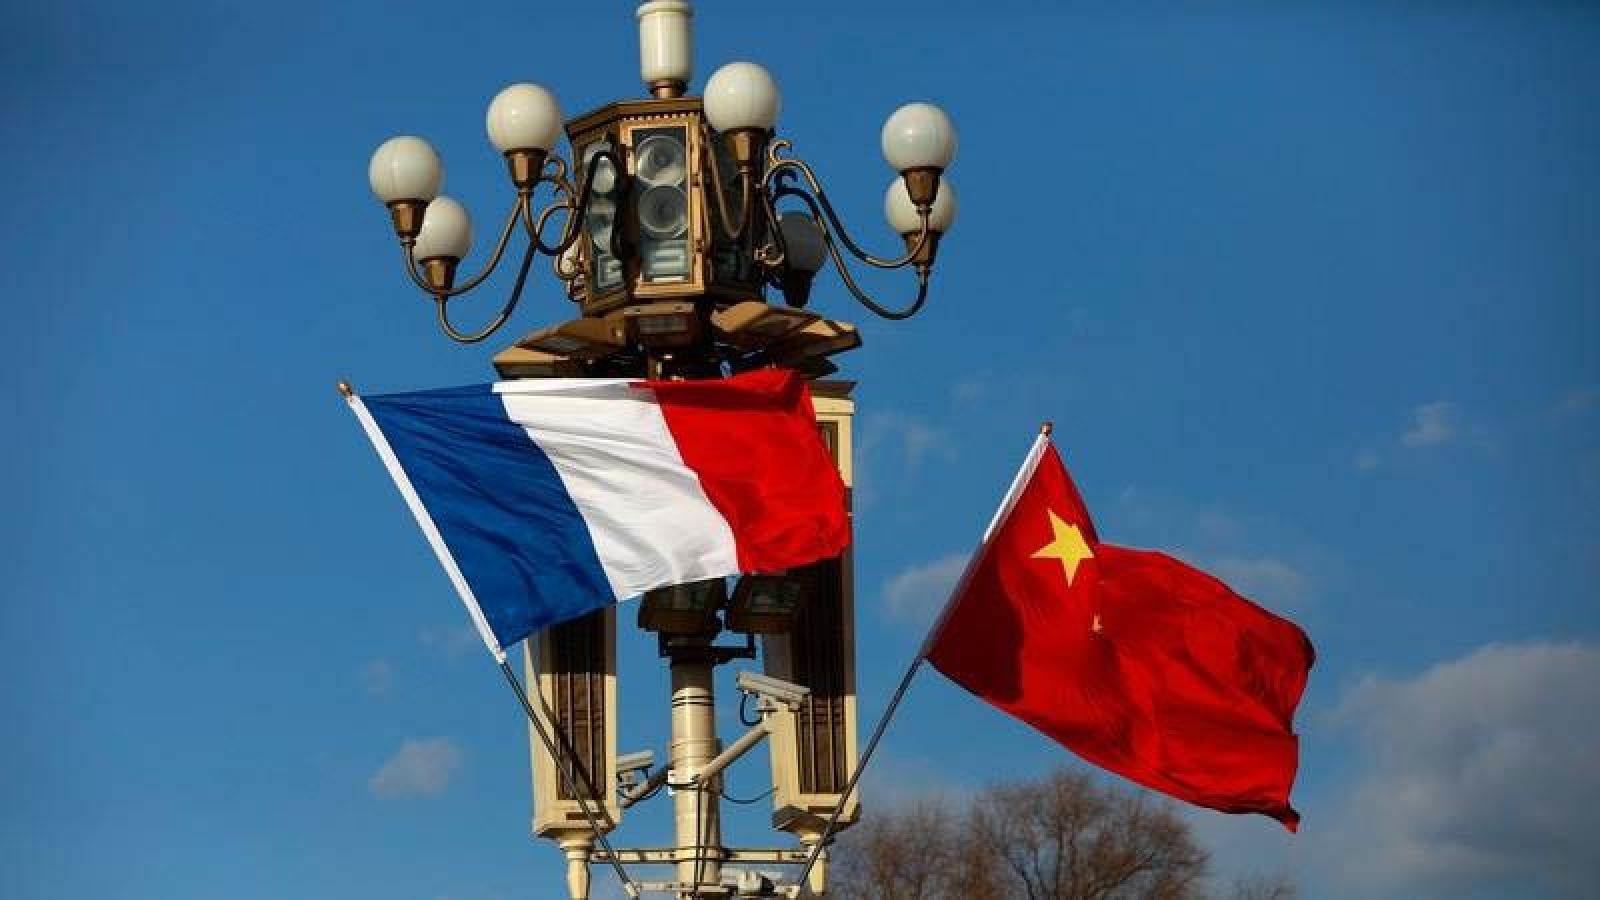 Pháp tuyên bố không phê chuẩn hiệp ước dẫn độ với Hong Kong (Trung Quốc)